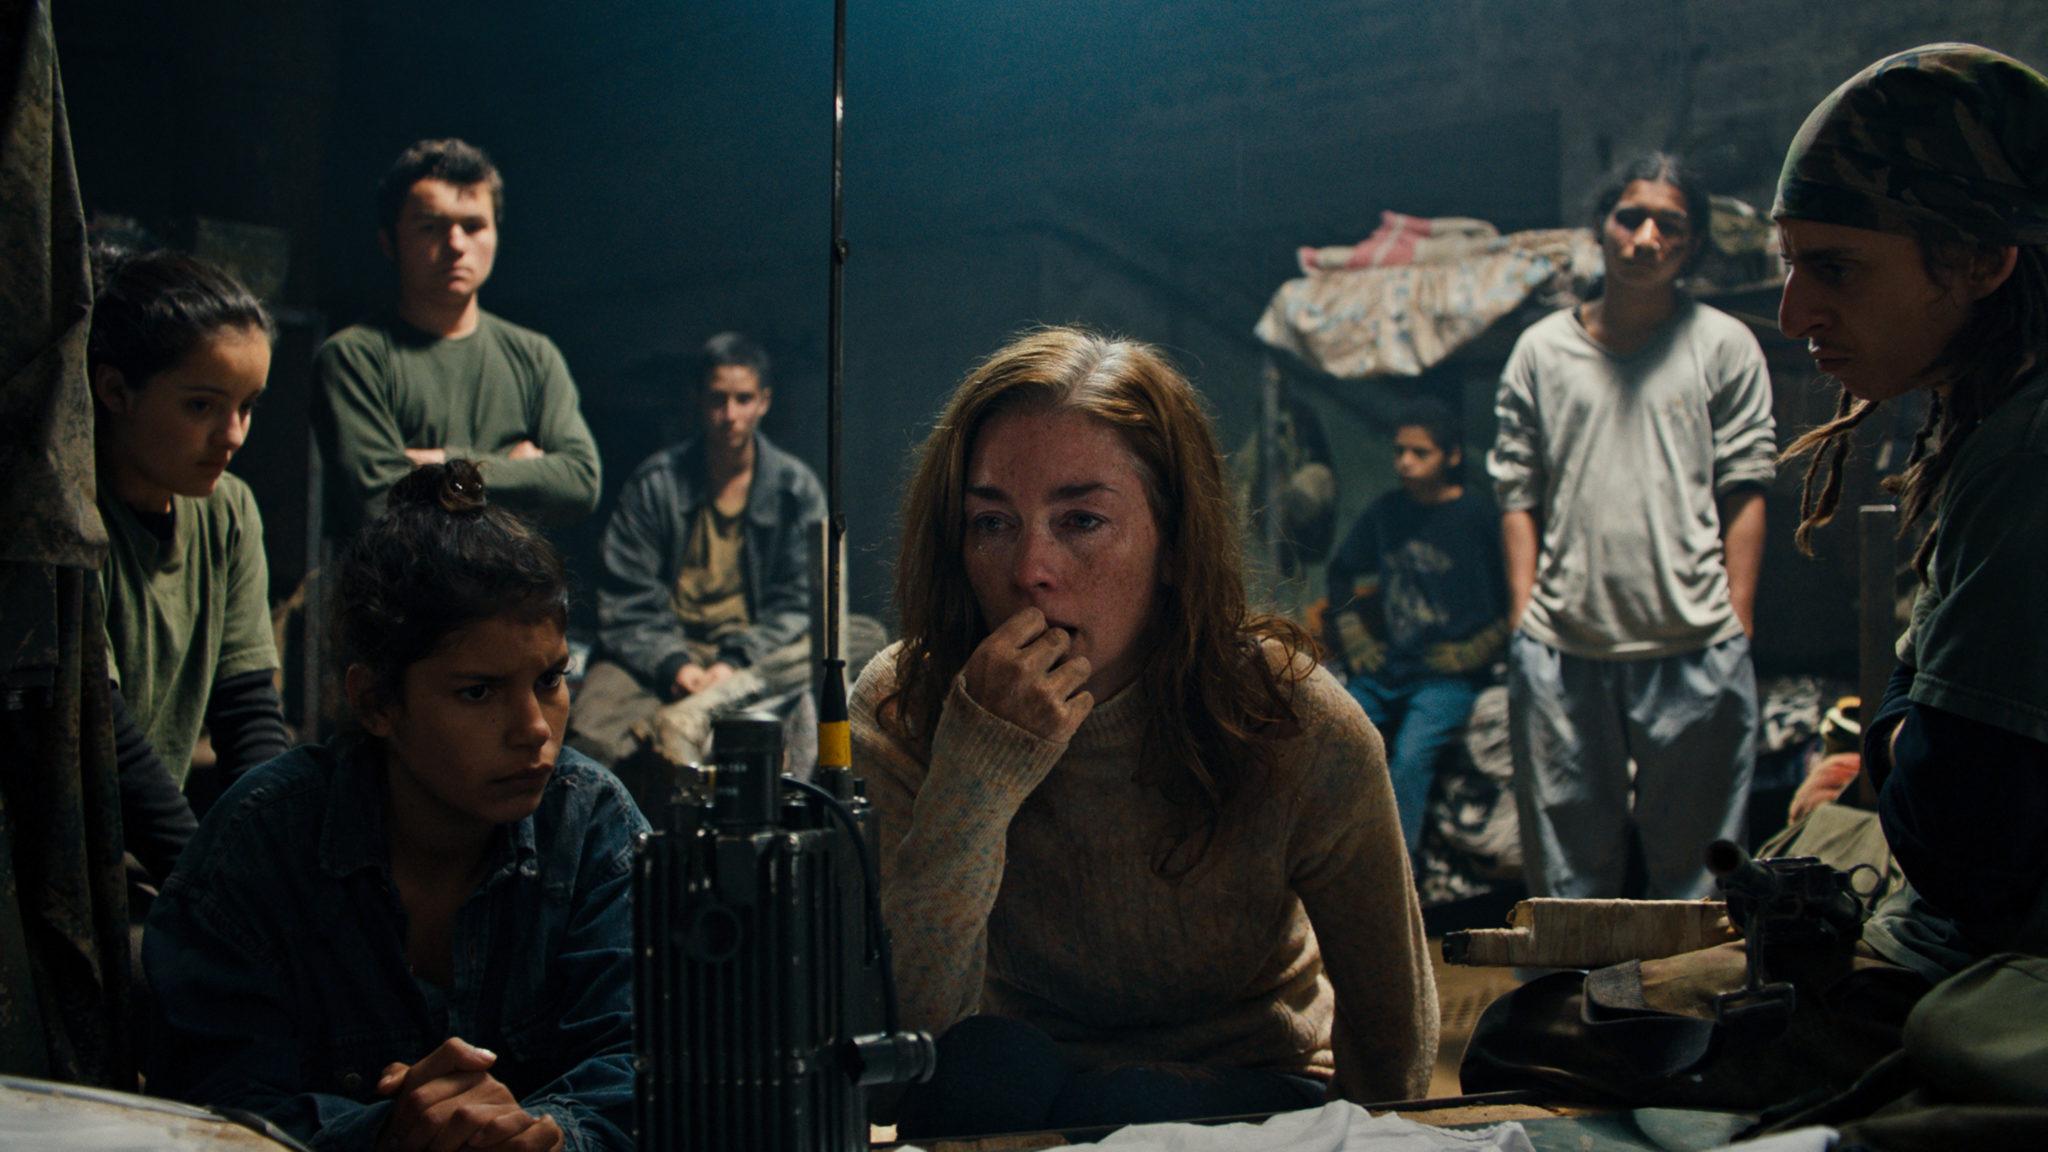 Die Doctora sitzt in Monos - Zwischen Himmel und Hölle verzweifelt vor einem Funkgerät. Die Rebellentruppe versammelt sich um sie herum.